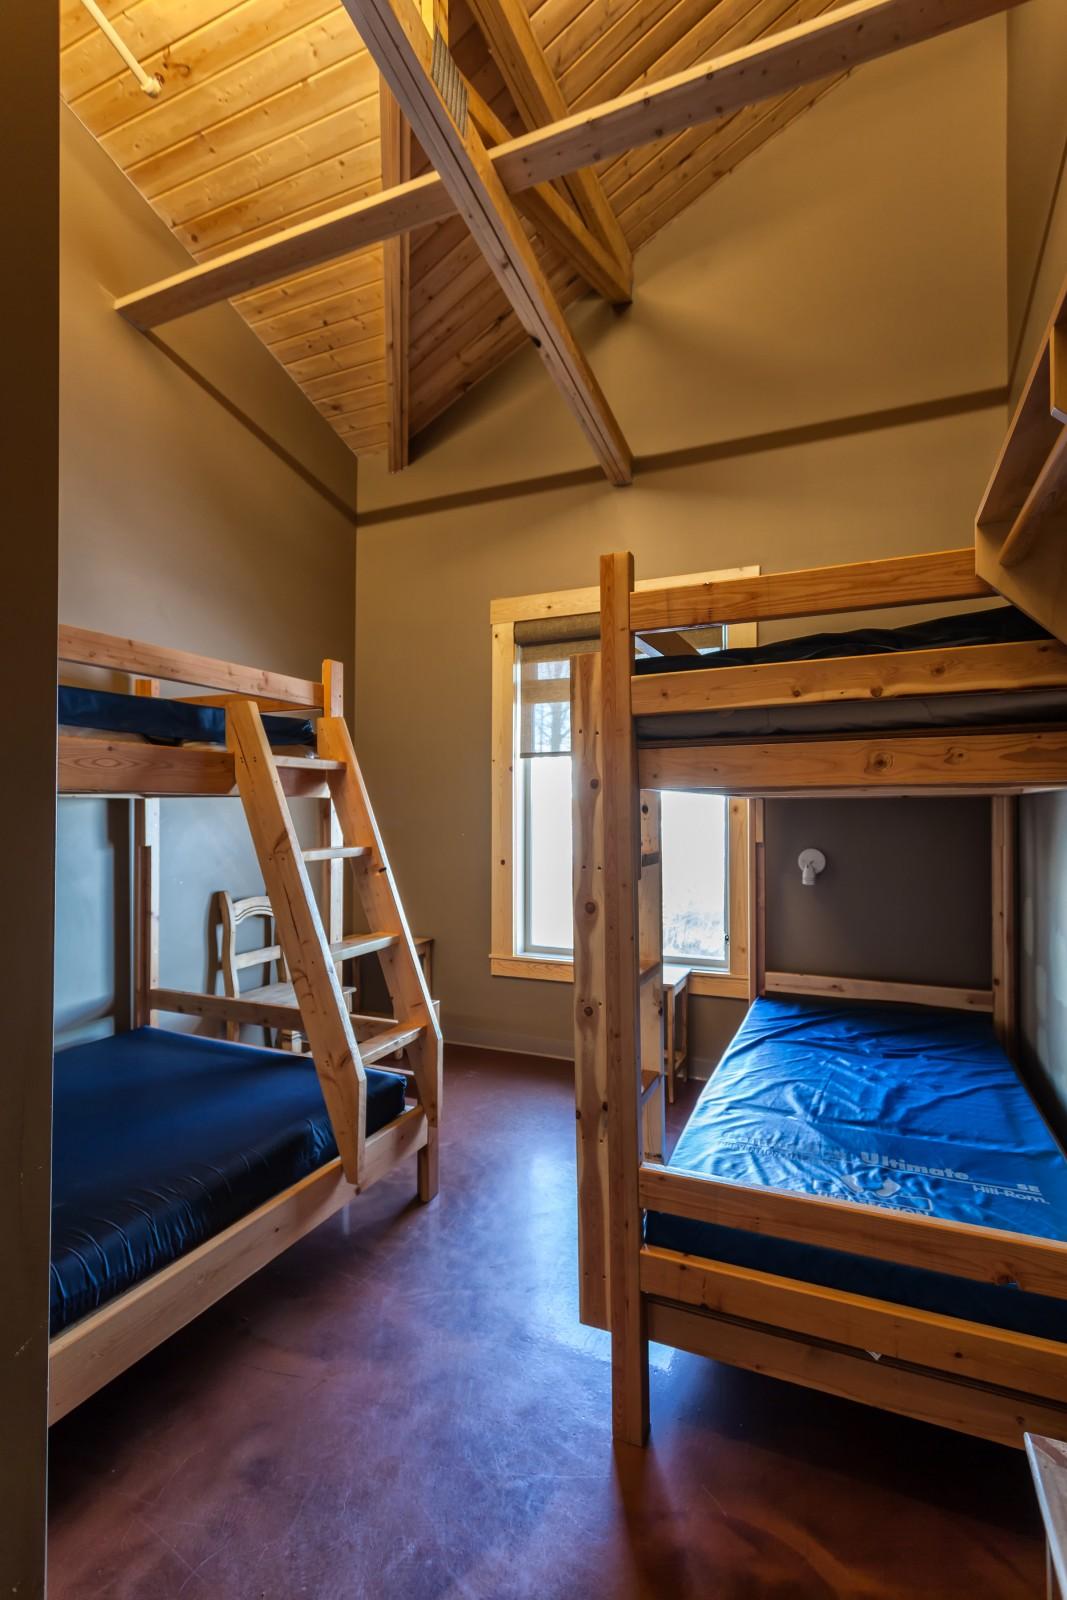 The Lodge At Bryce Canyon Dining Room: Lodge At Travers • SABC